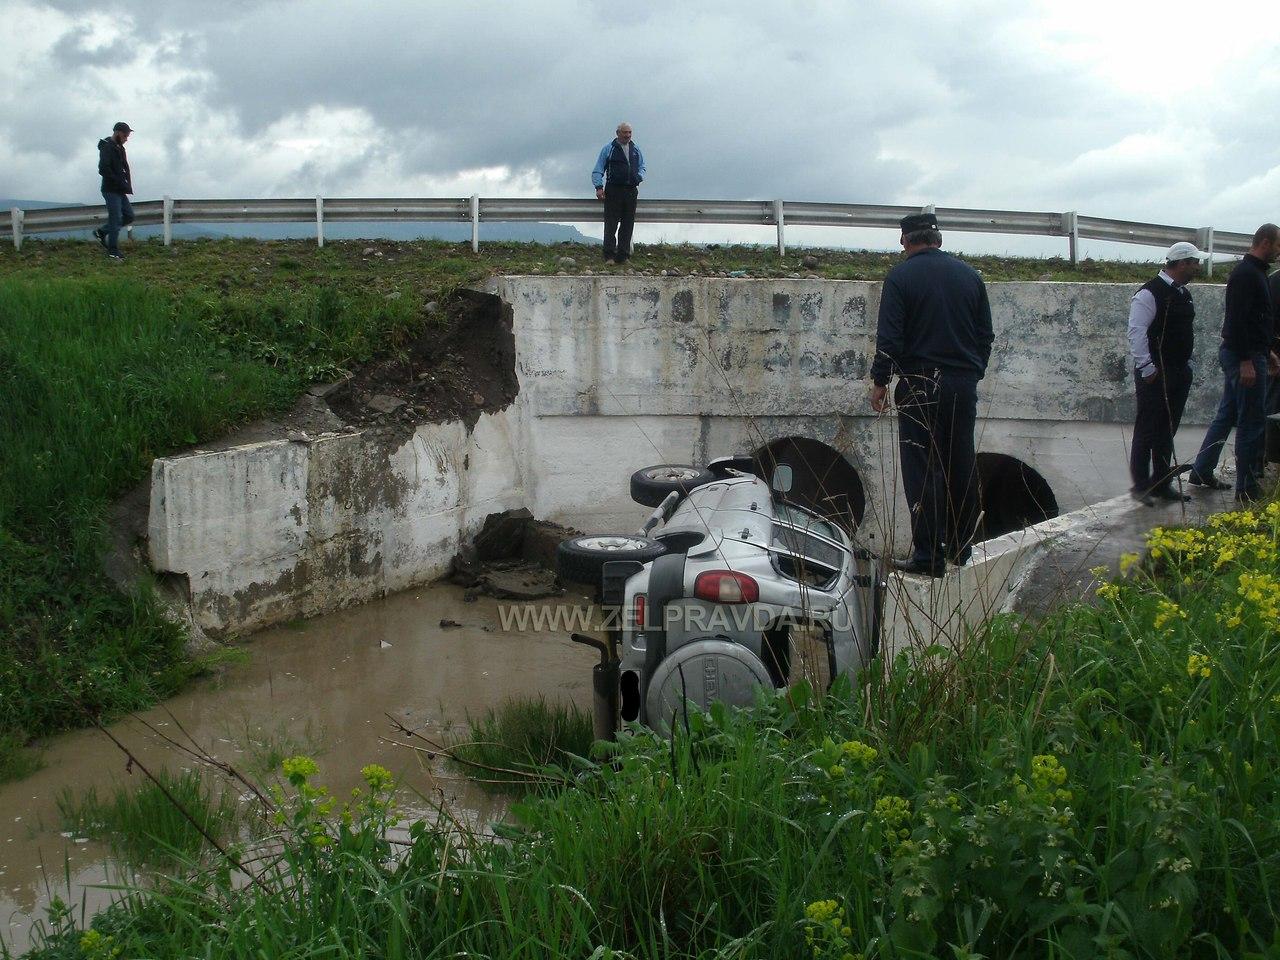 На участке автодороги Зеленчукская - Кардоникская произошло ДТП